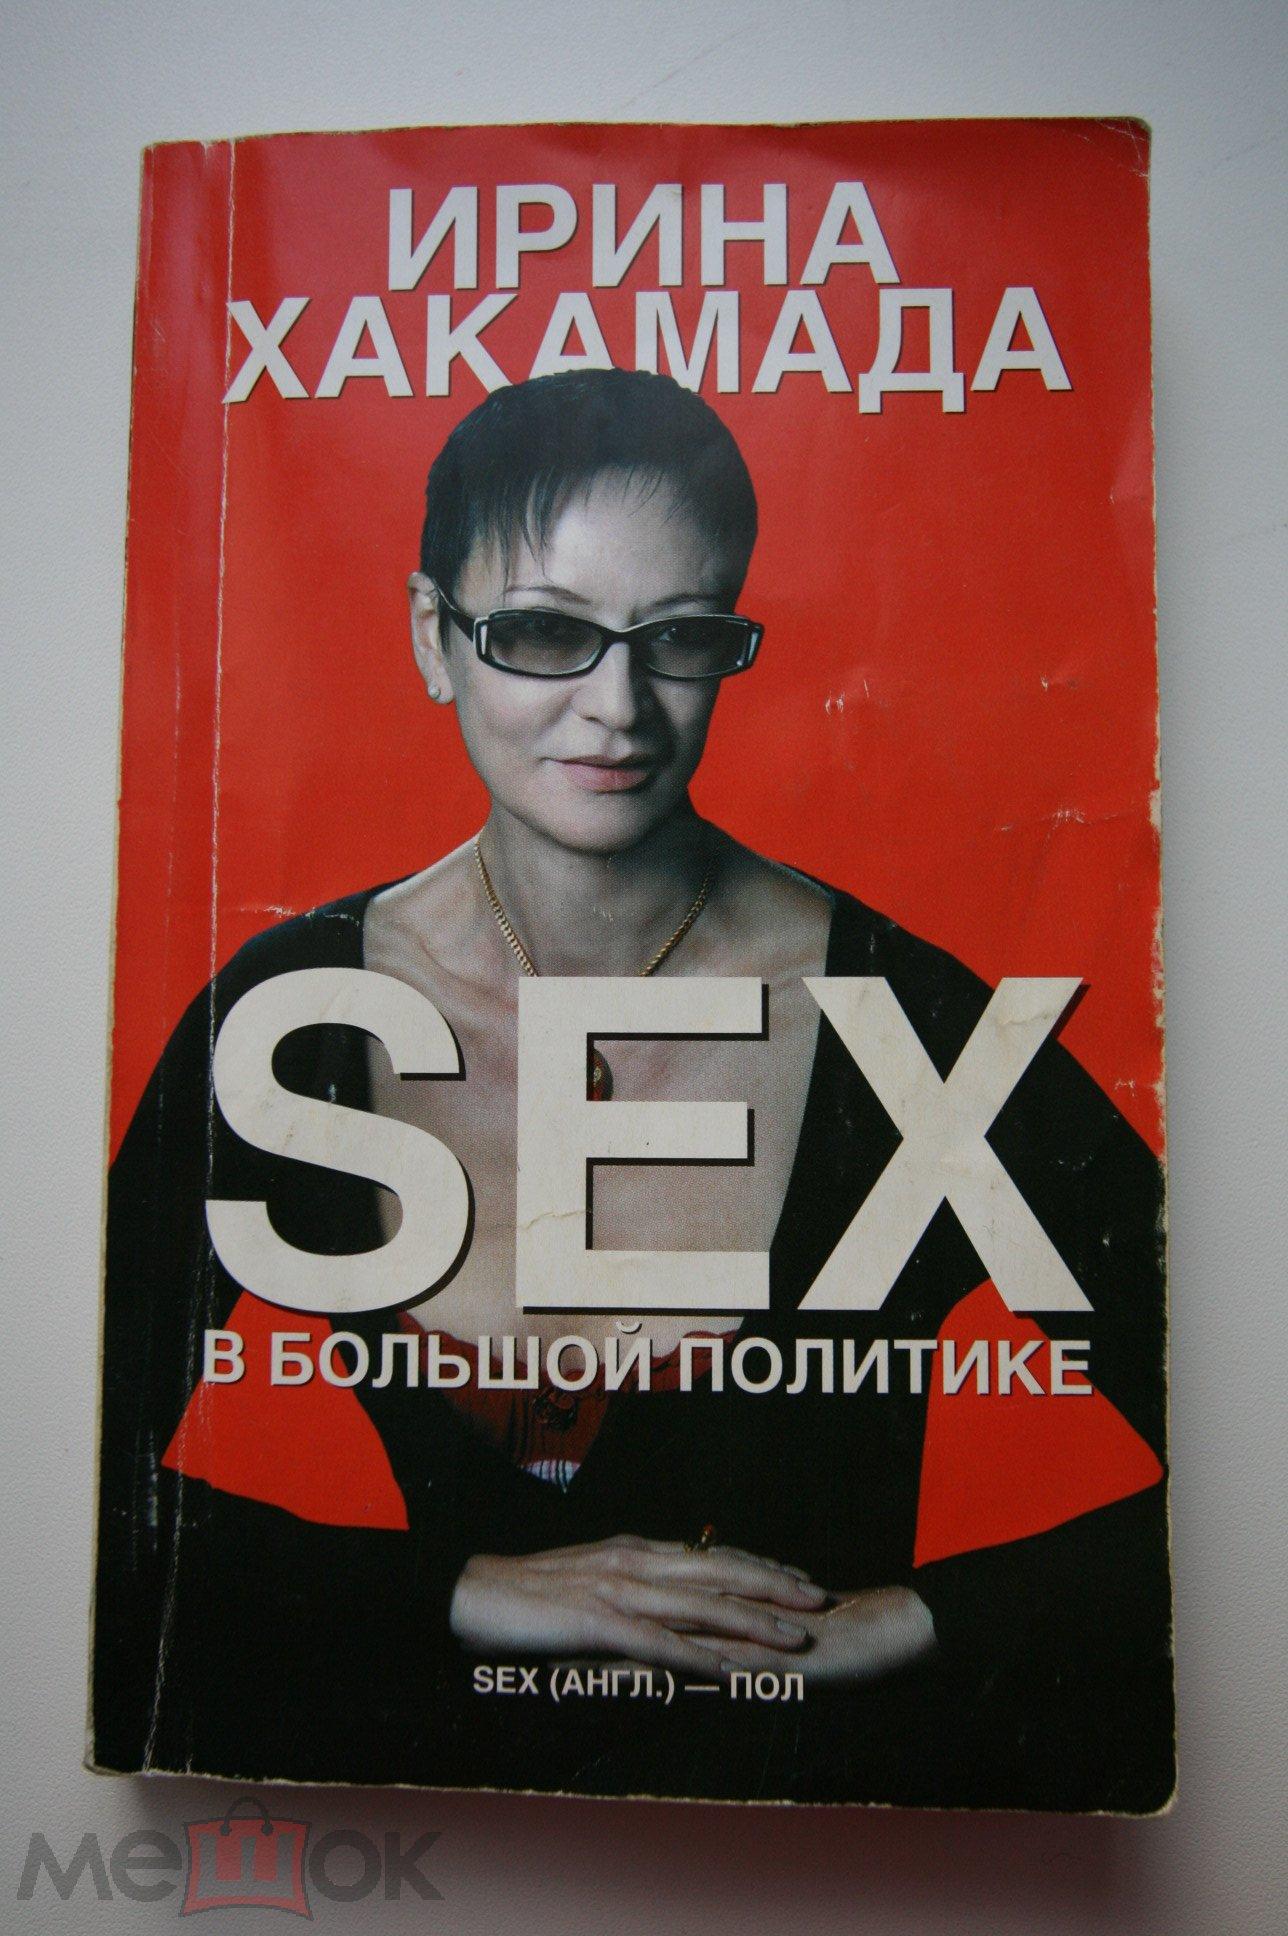 Хакамада секс в боль шой политике